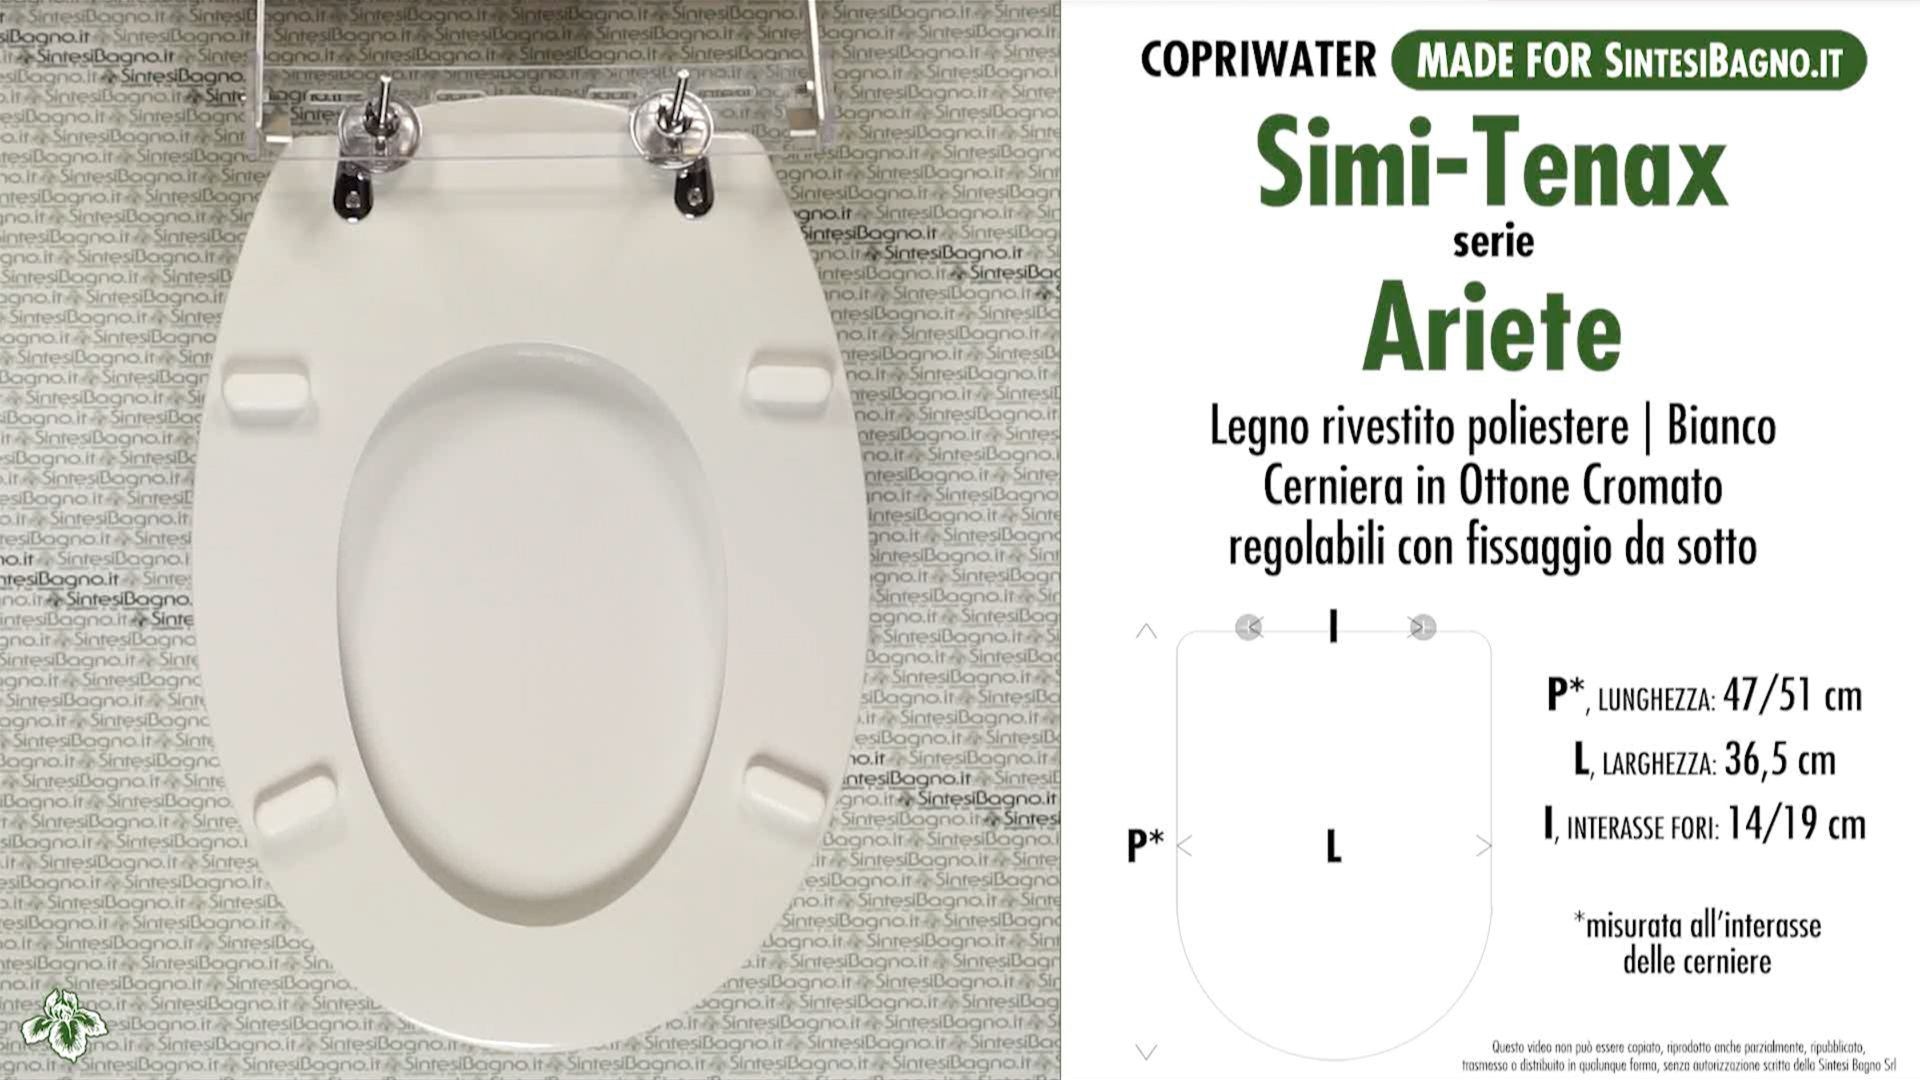 SCHEDA TECNICA MISURE copriwater SIMI-TENAX ARIETE